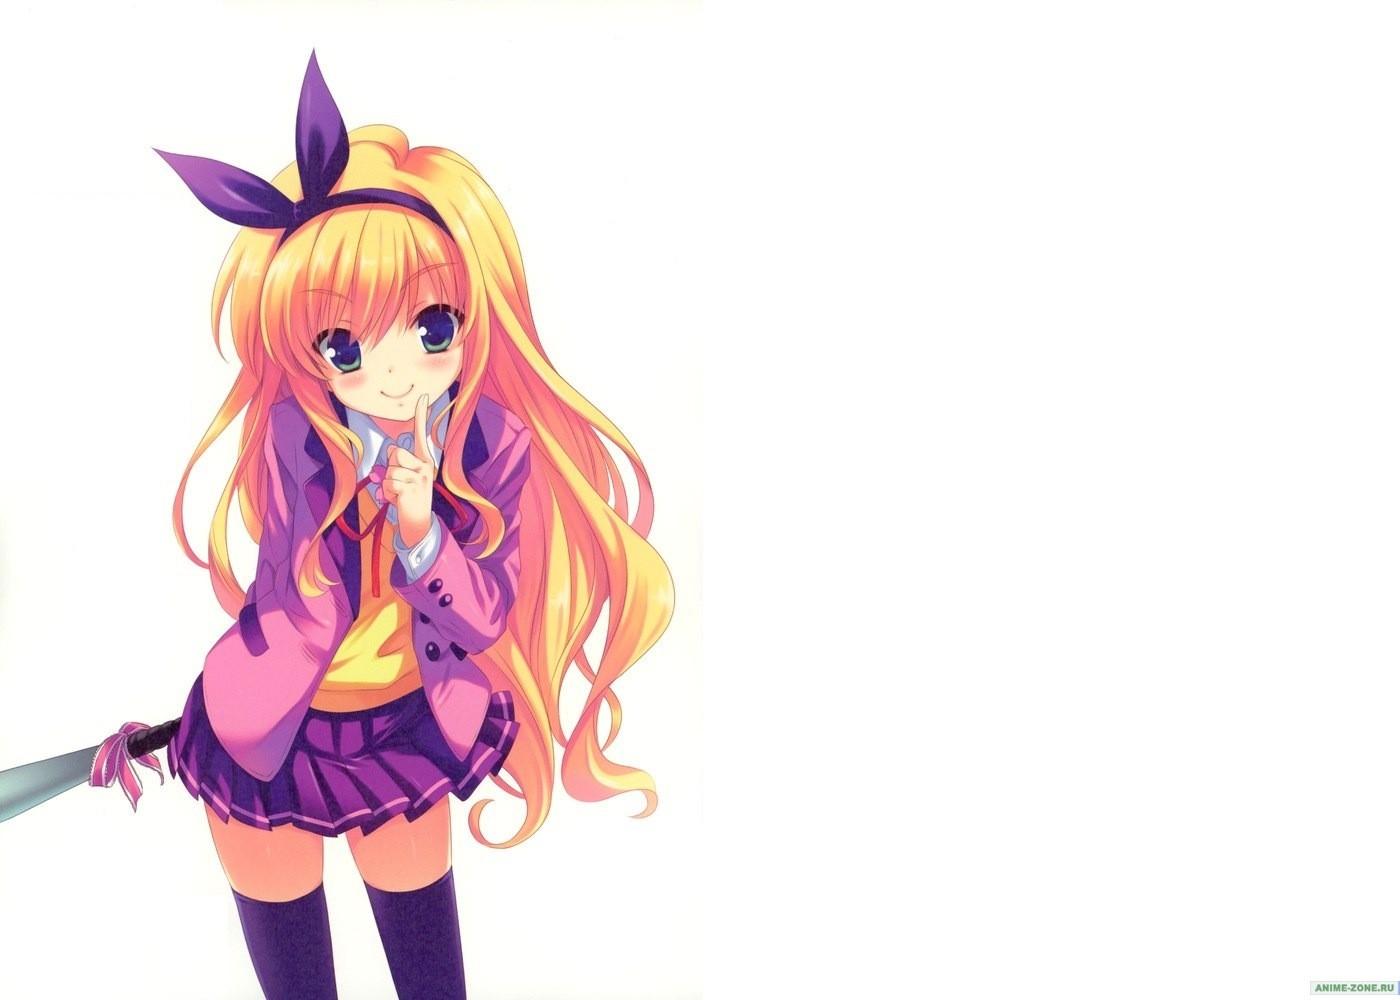 Wallpaper Illustration Blonde Long Hair Anime Girls Green